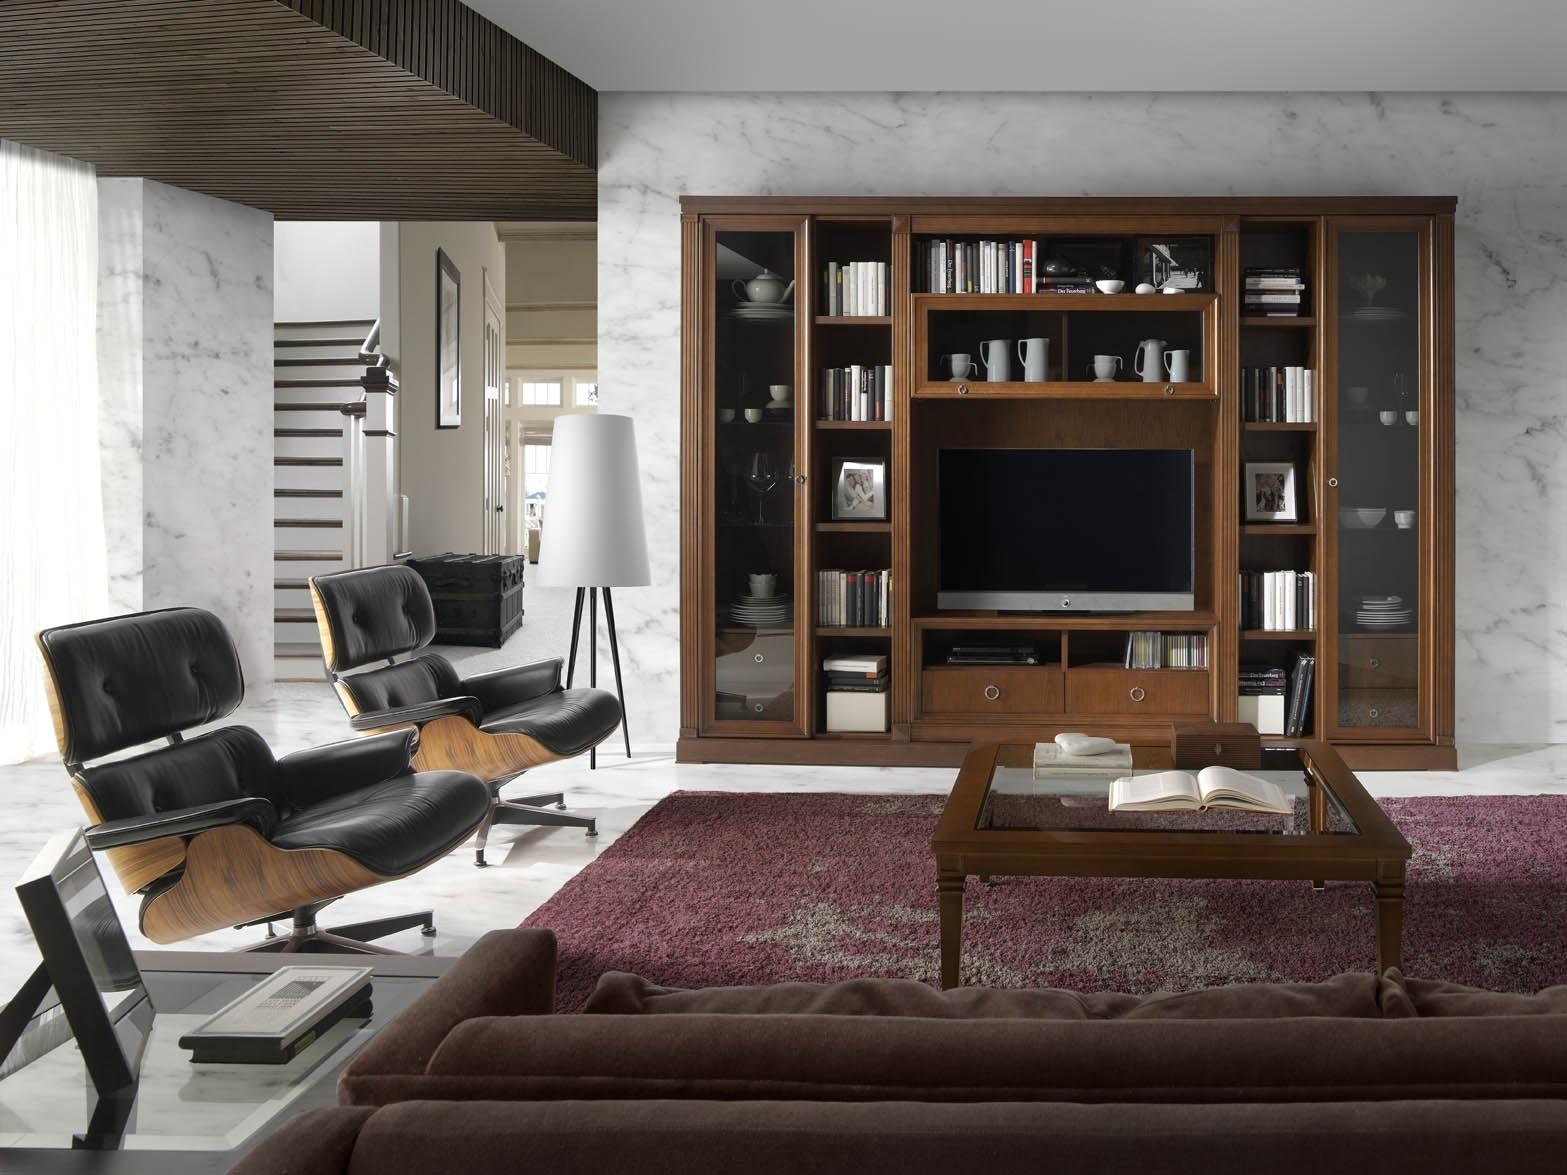 Tienda de muebles cl sicos y conservadores en valencia for Muebles modernos valencia